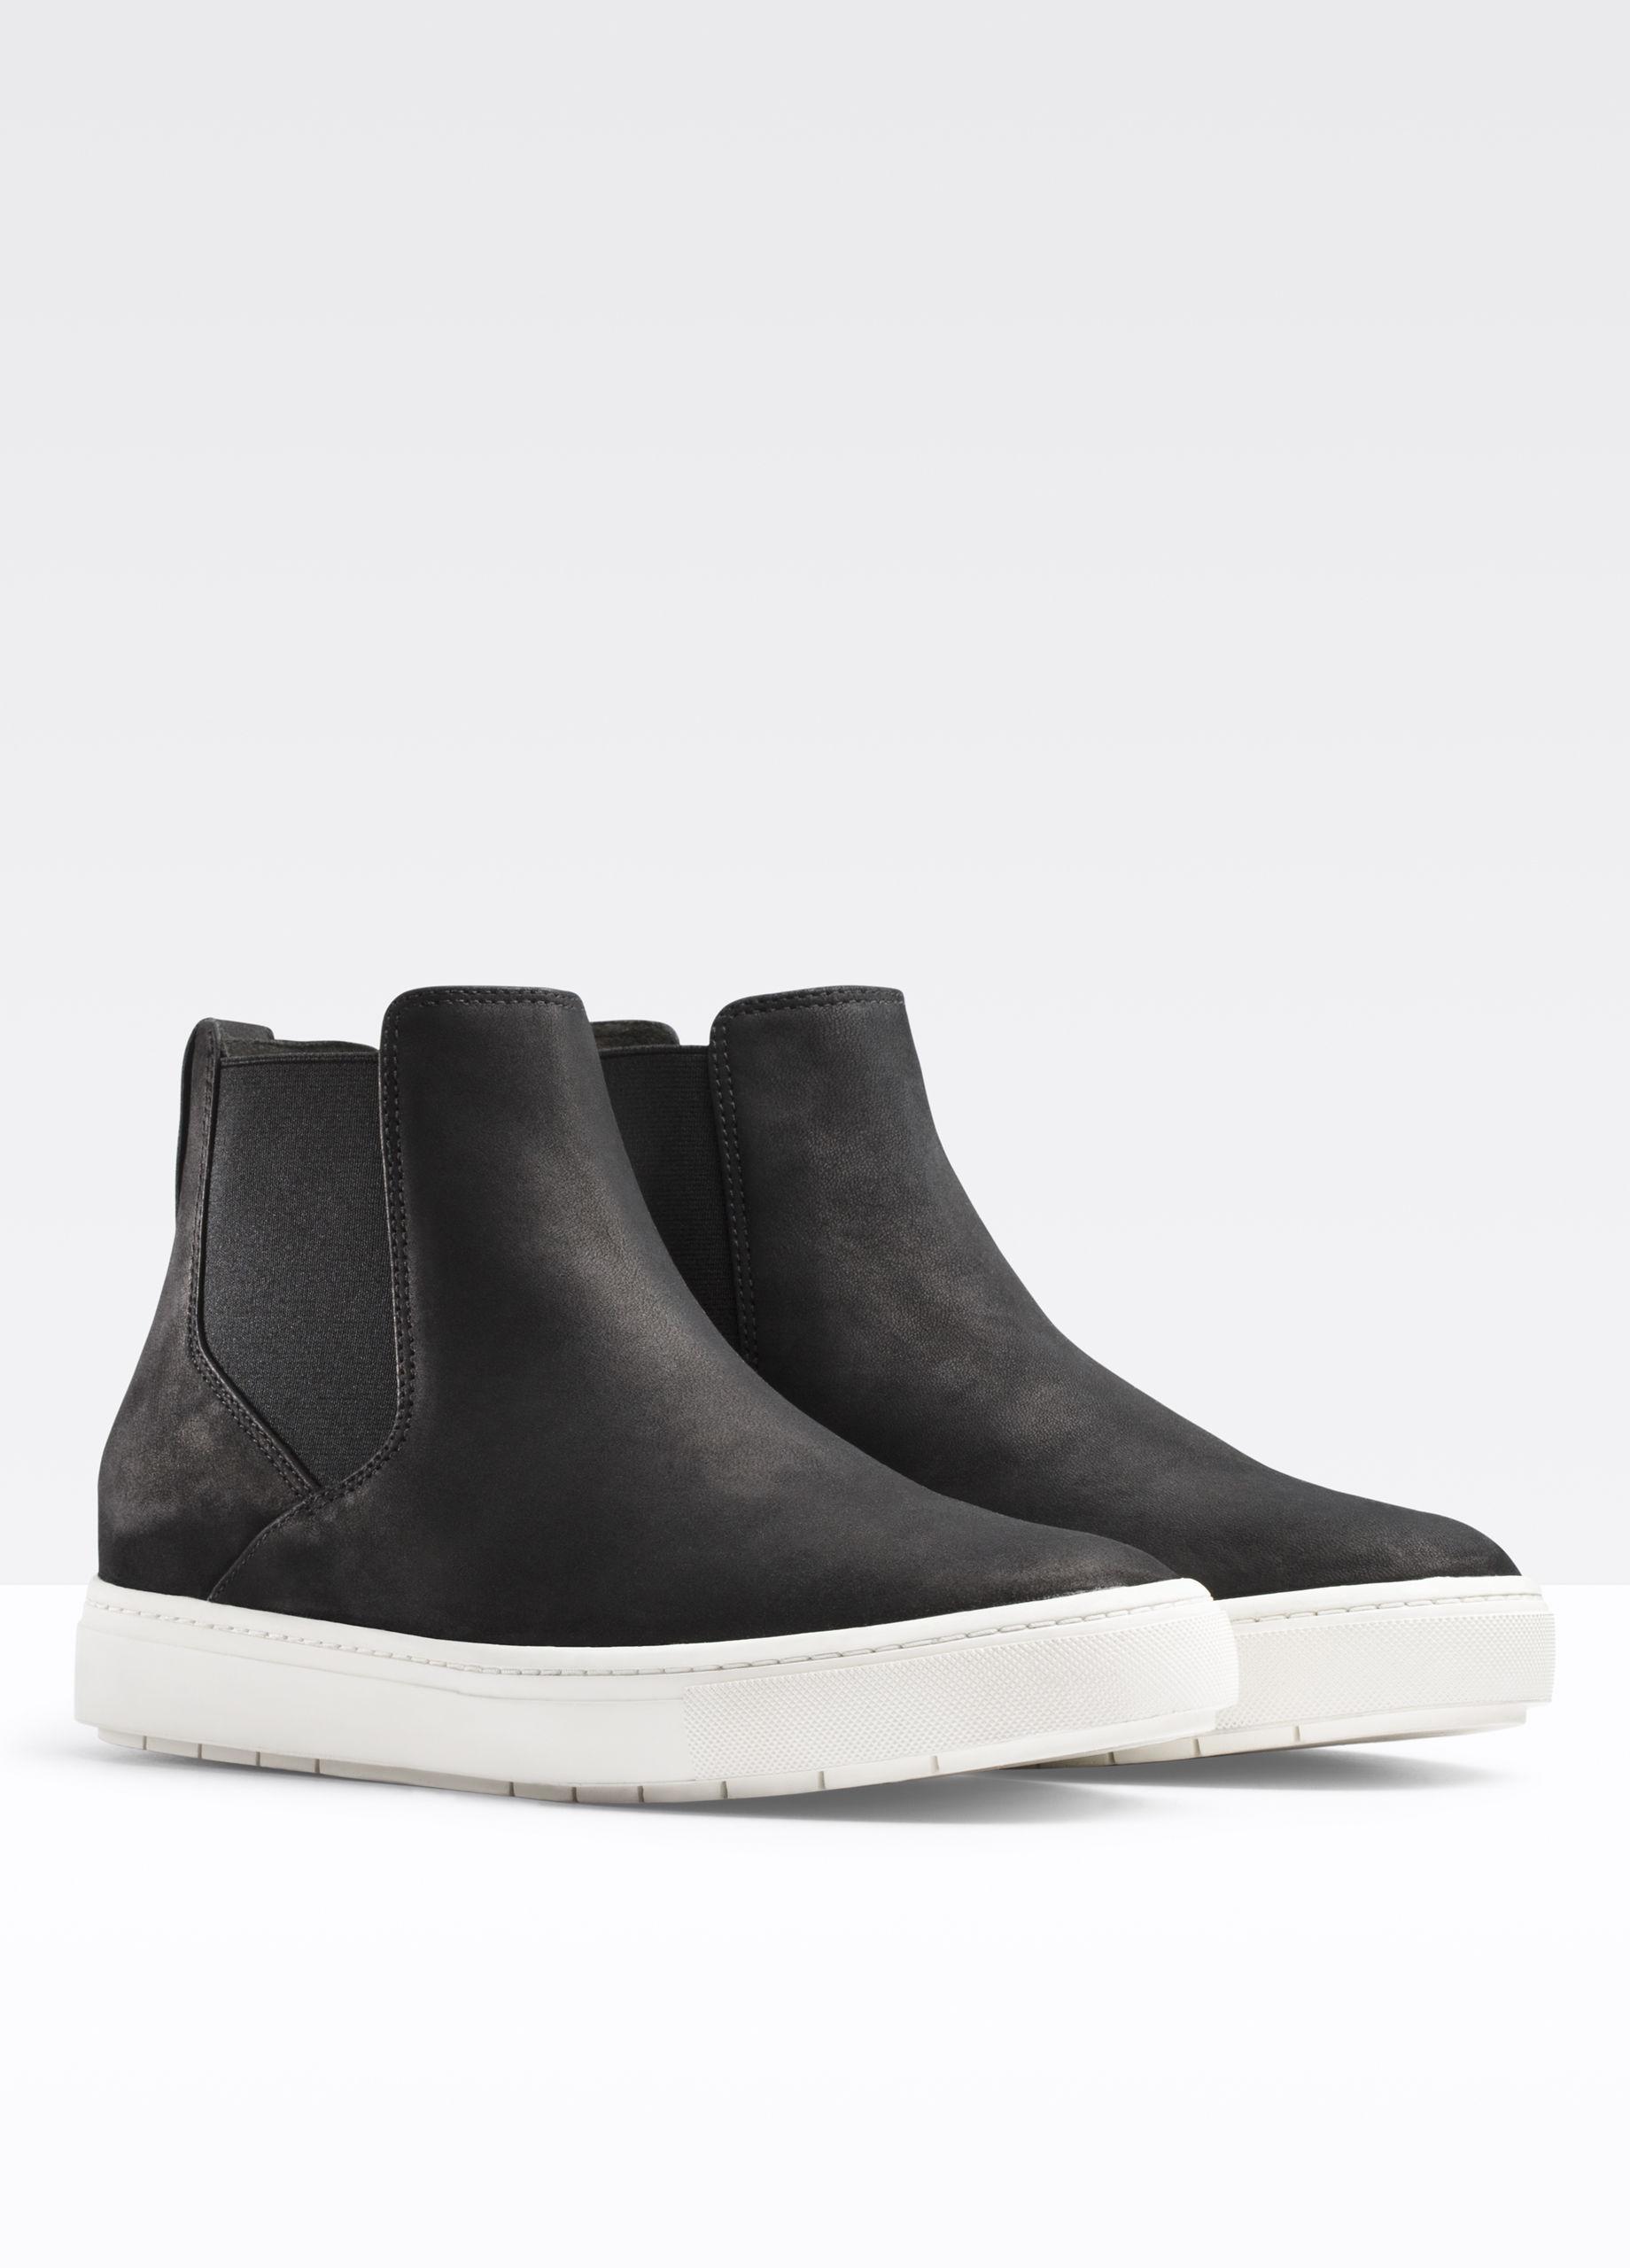 Vince Leather Newlyn Sneaker in Black